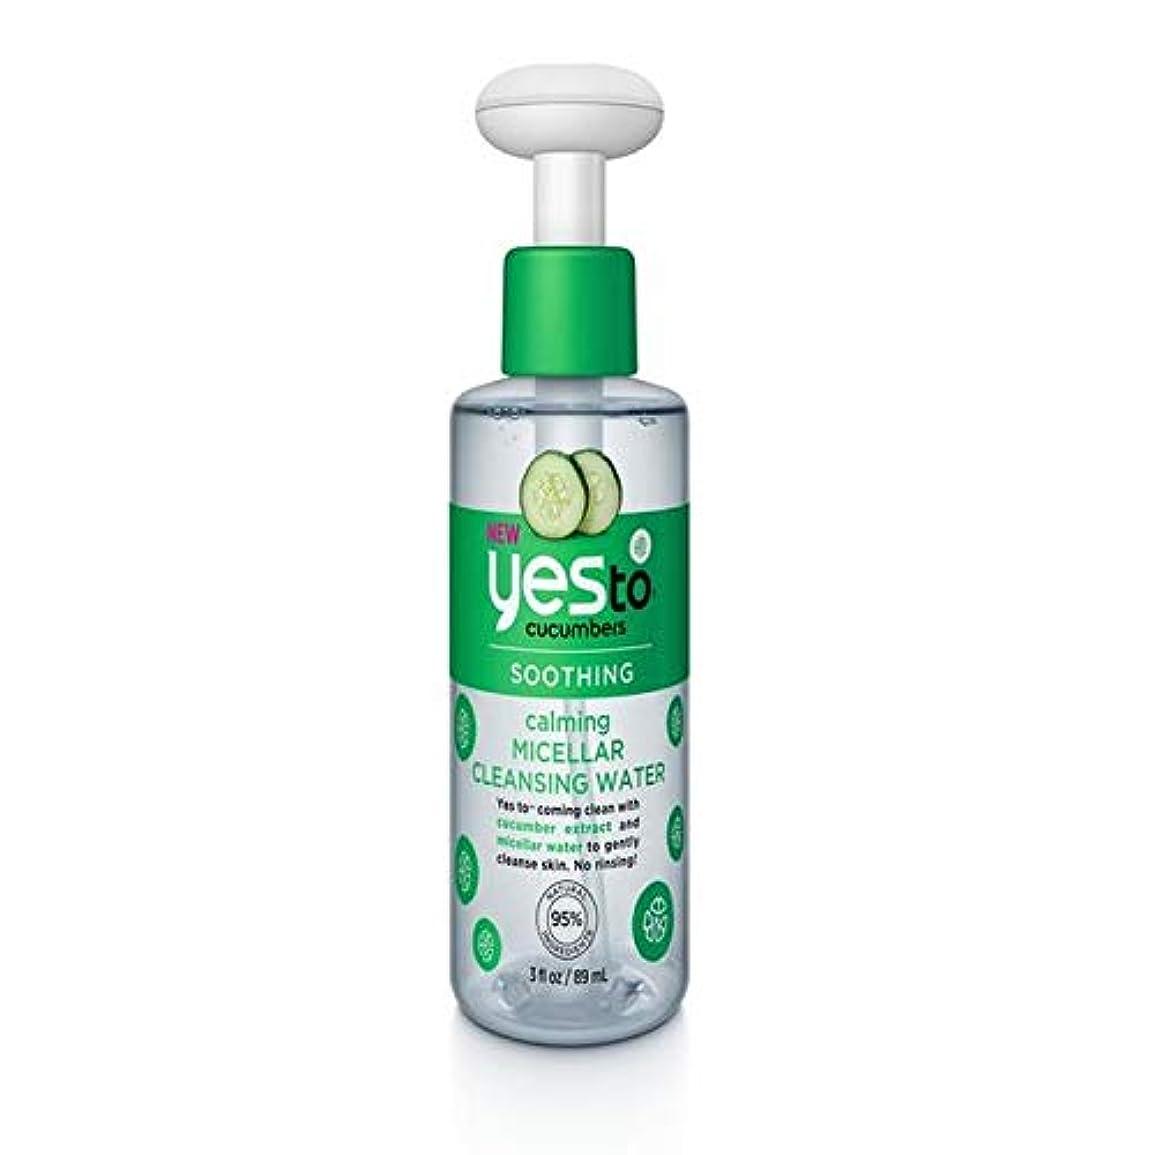 掃く世論調査リスト[YES TO! ] 89ミリリットルを落ち着かはいキュウリにミセル洗浄水 - Yes To Cucumbers Micellar Cleansing Water Calming 89ml [並行輸入品]